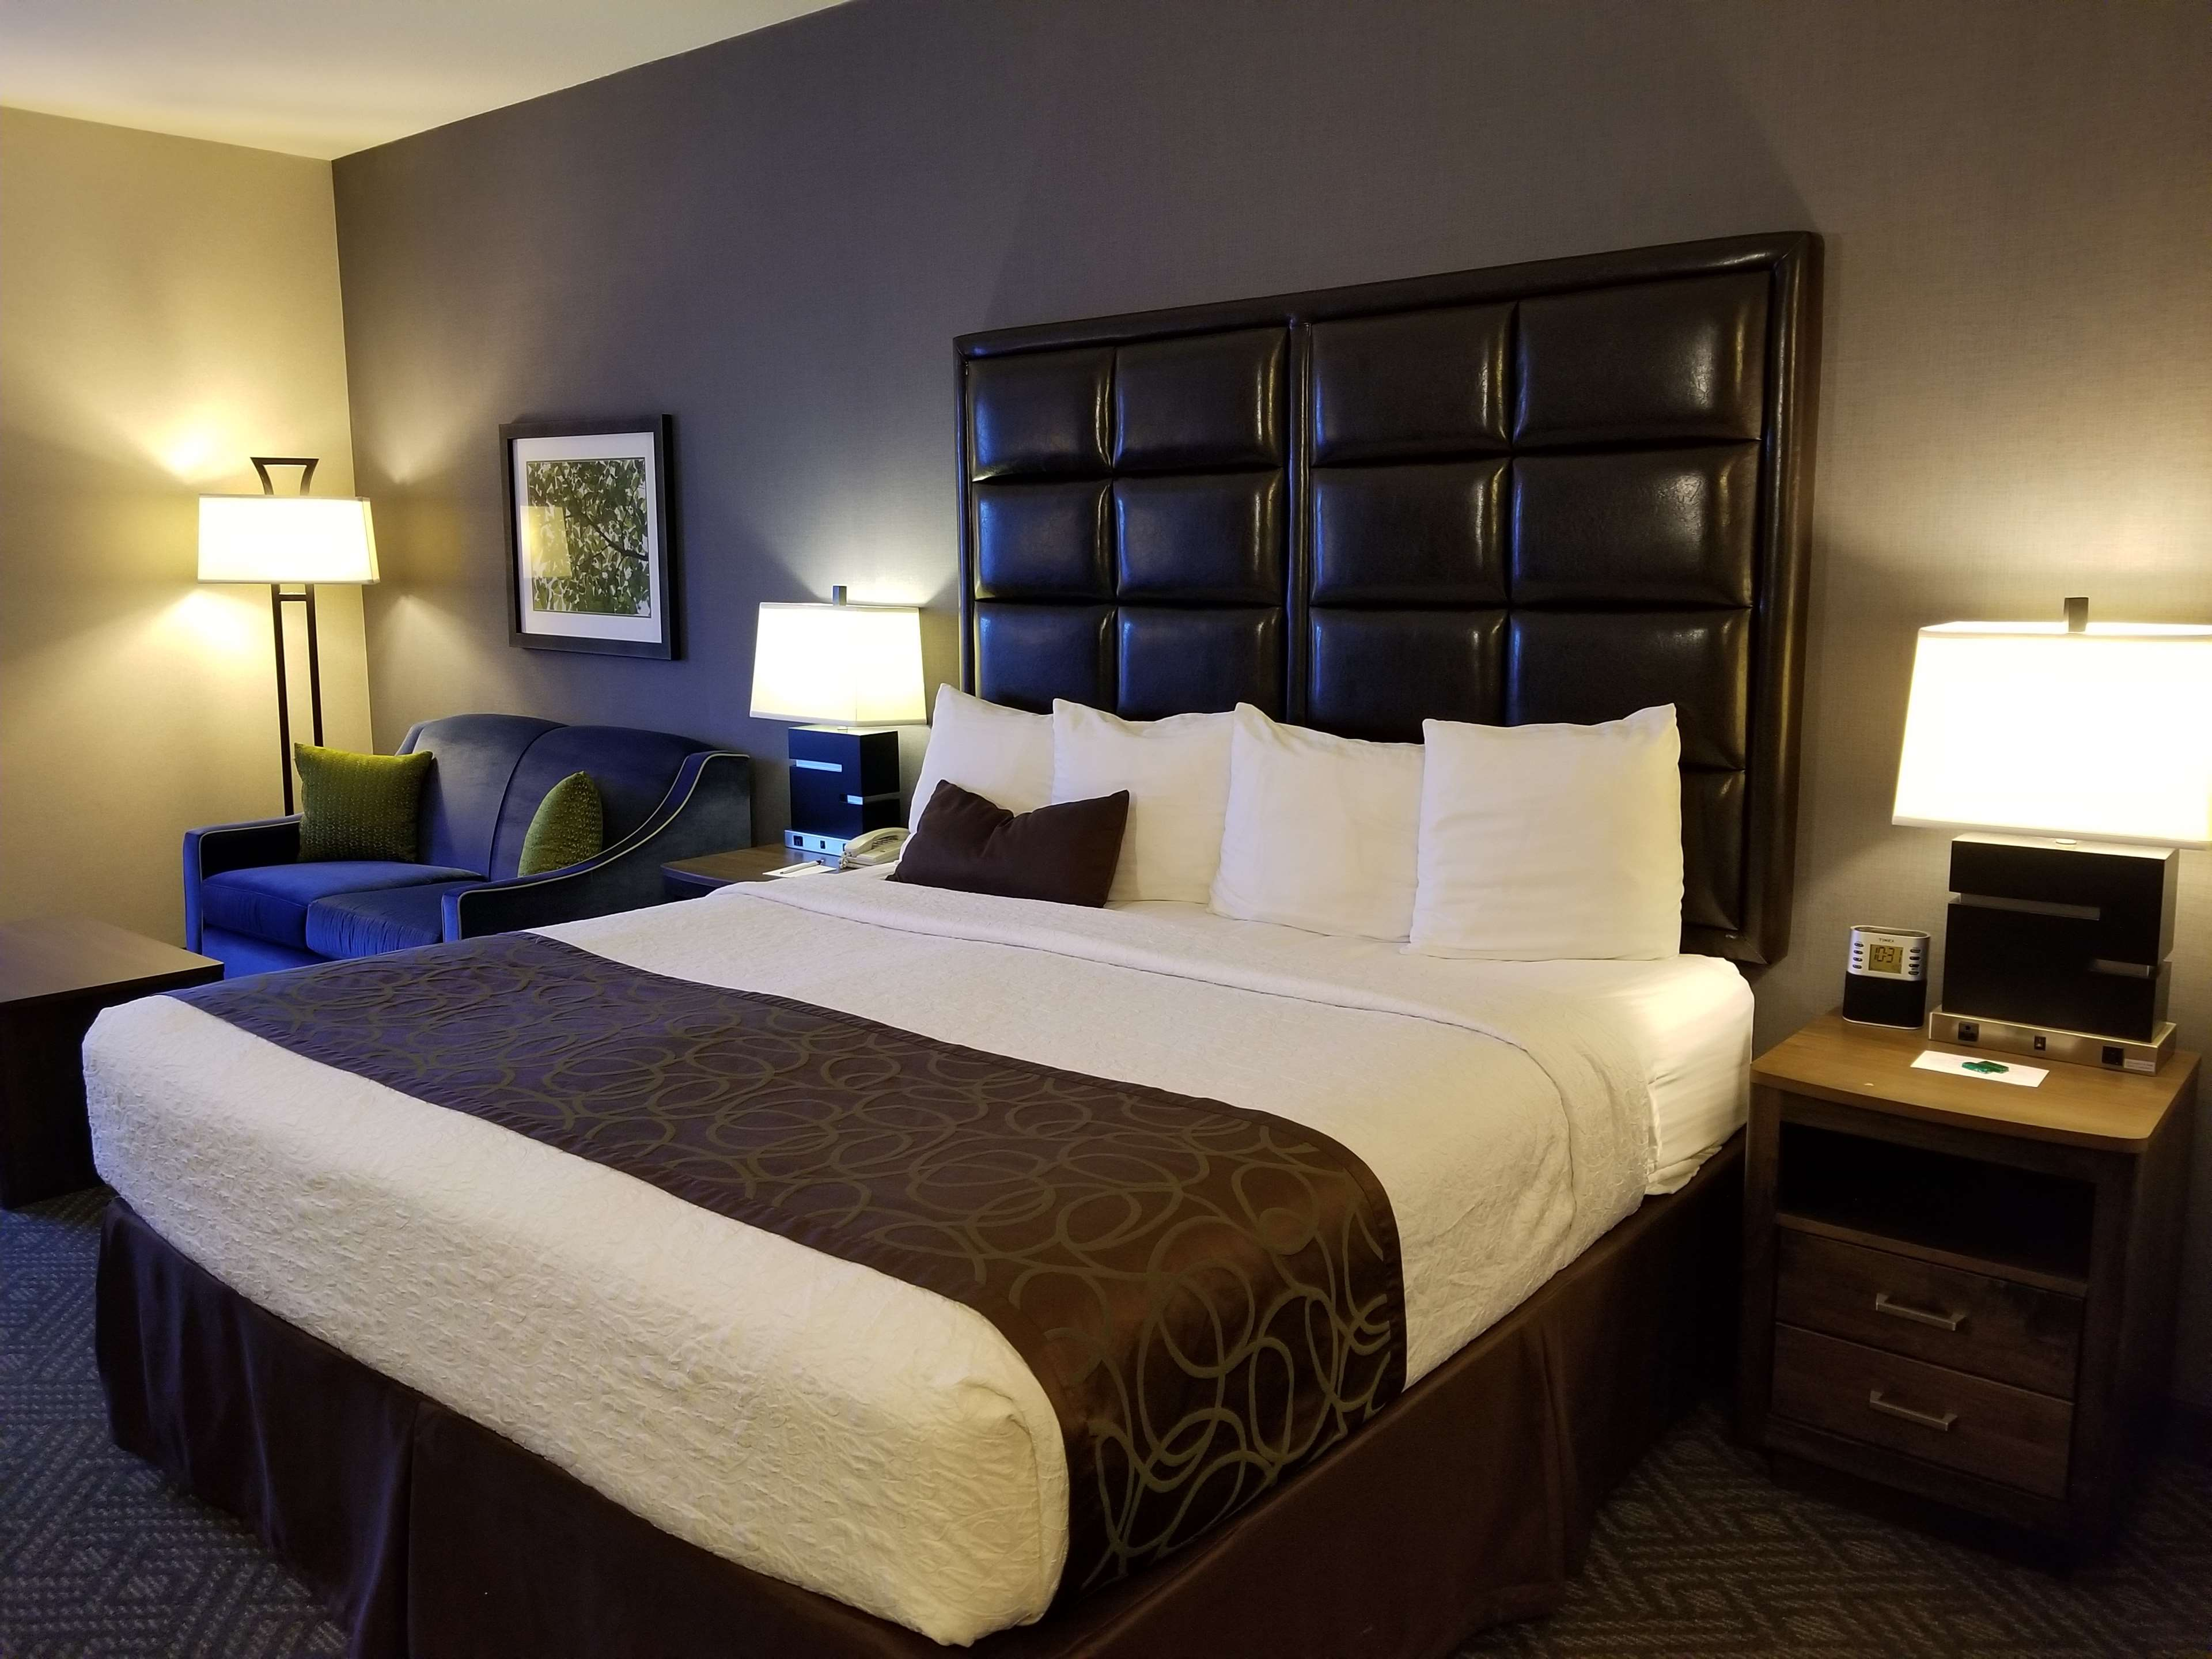 Best Western Plus Northwind Inn & Suites image 10